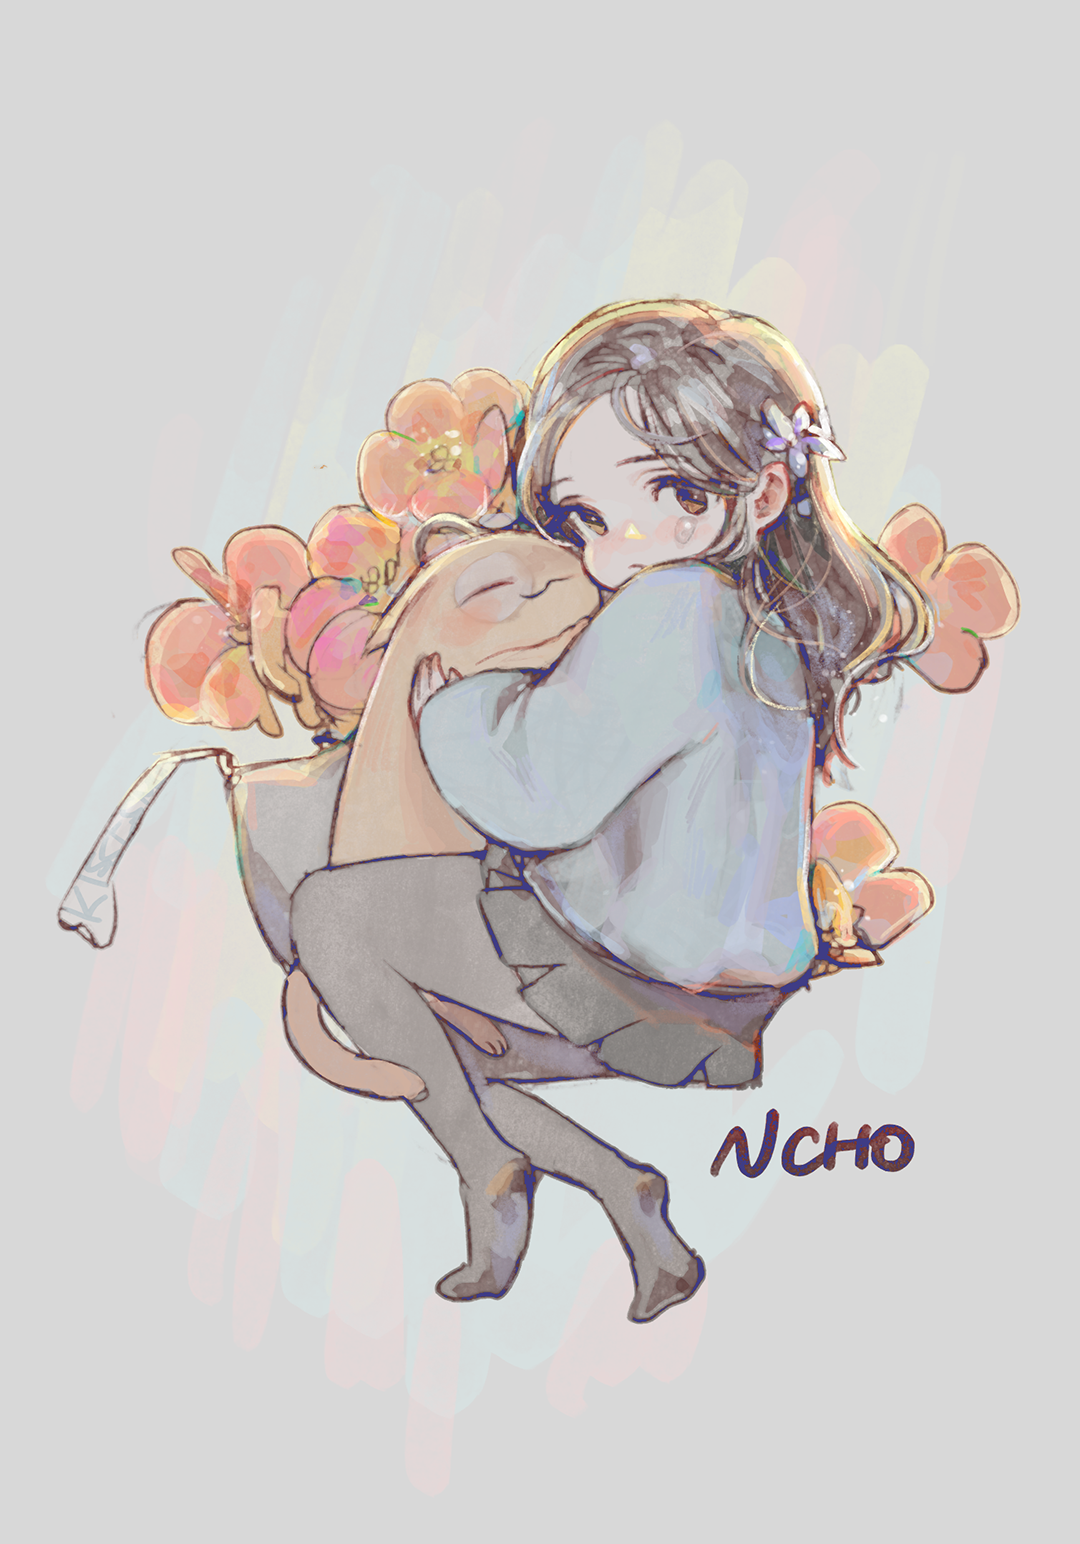 GirlsclubAsia-Illustrator-ncho (8)